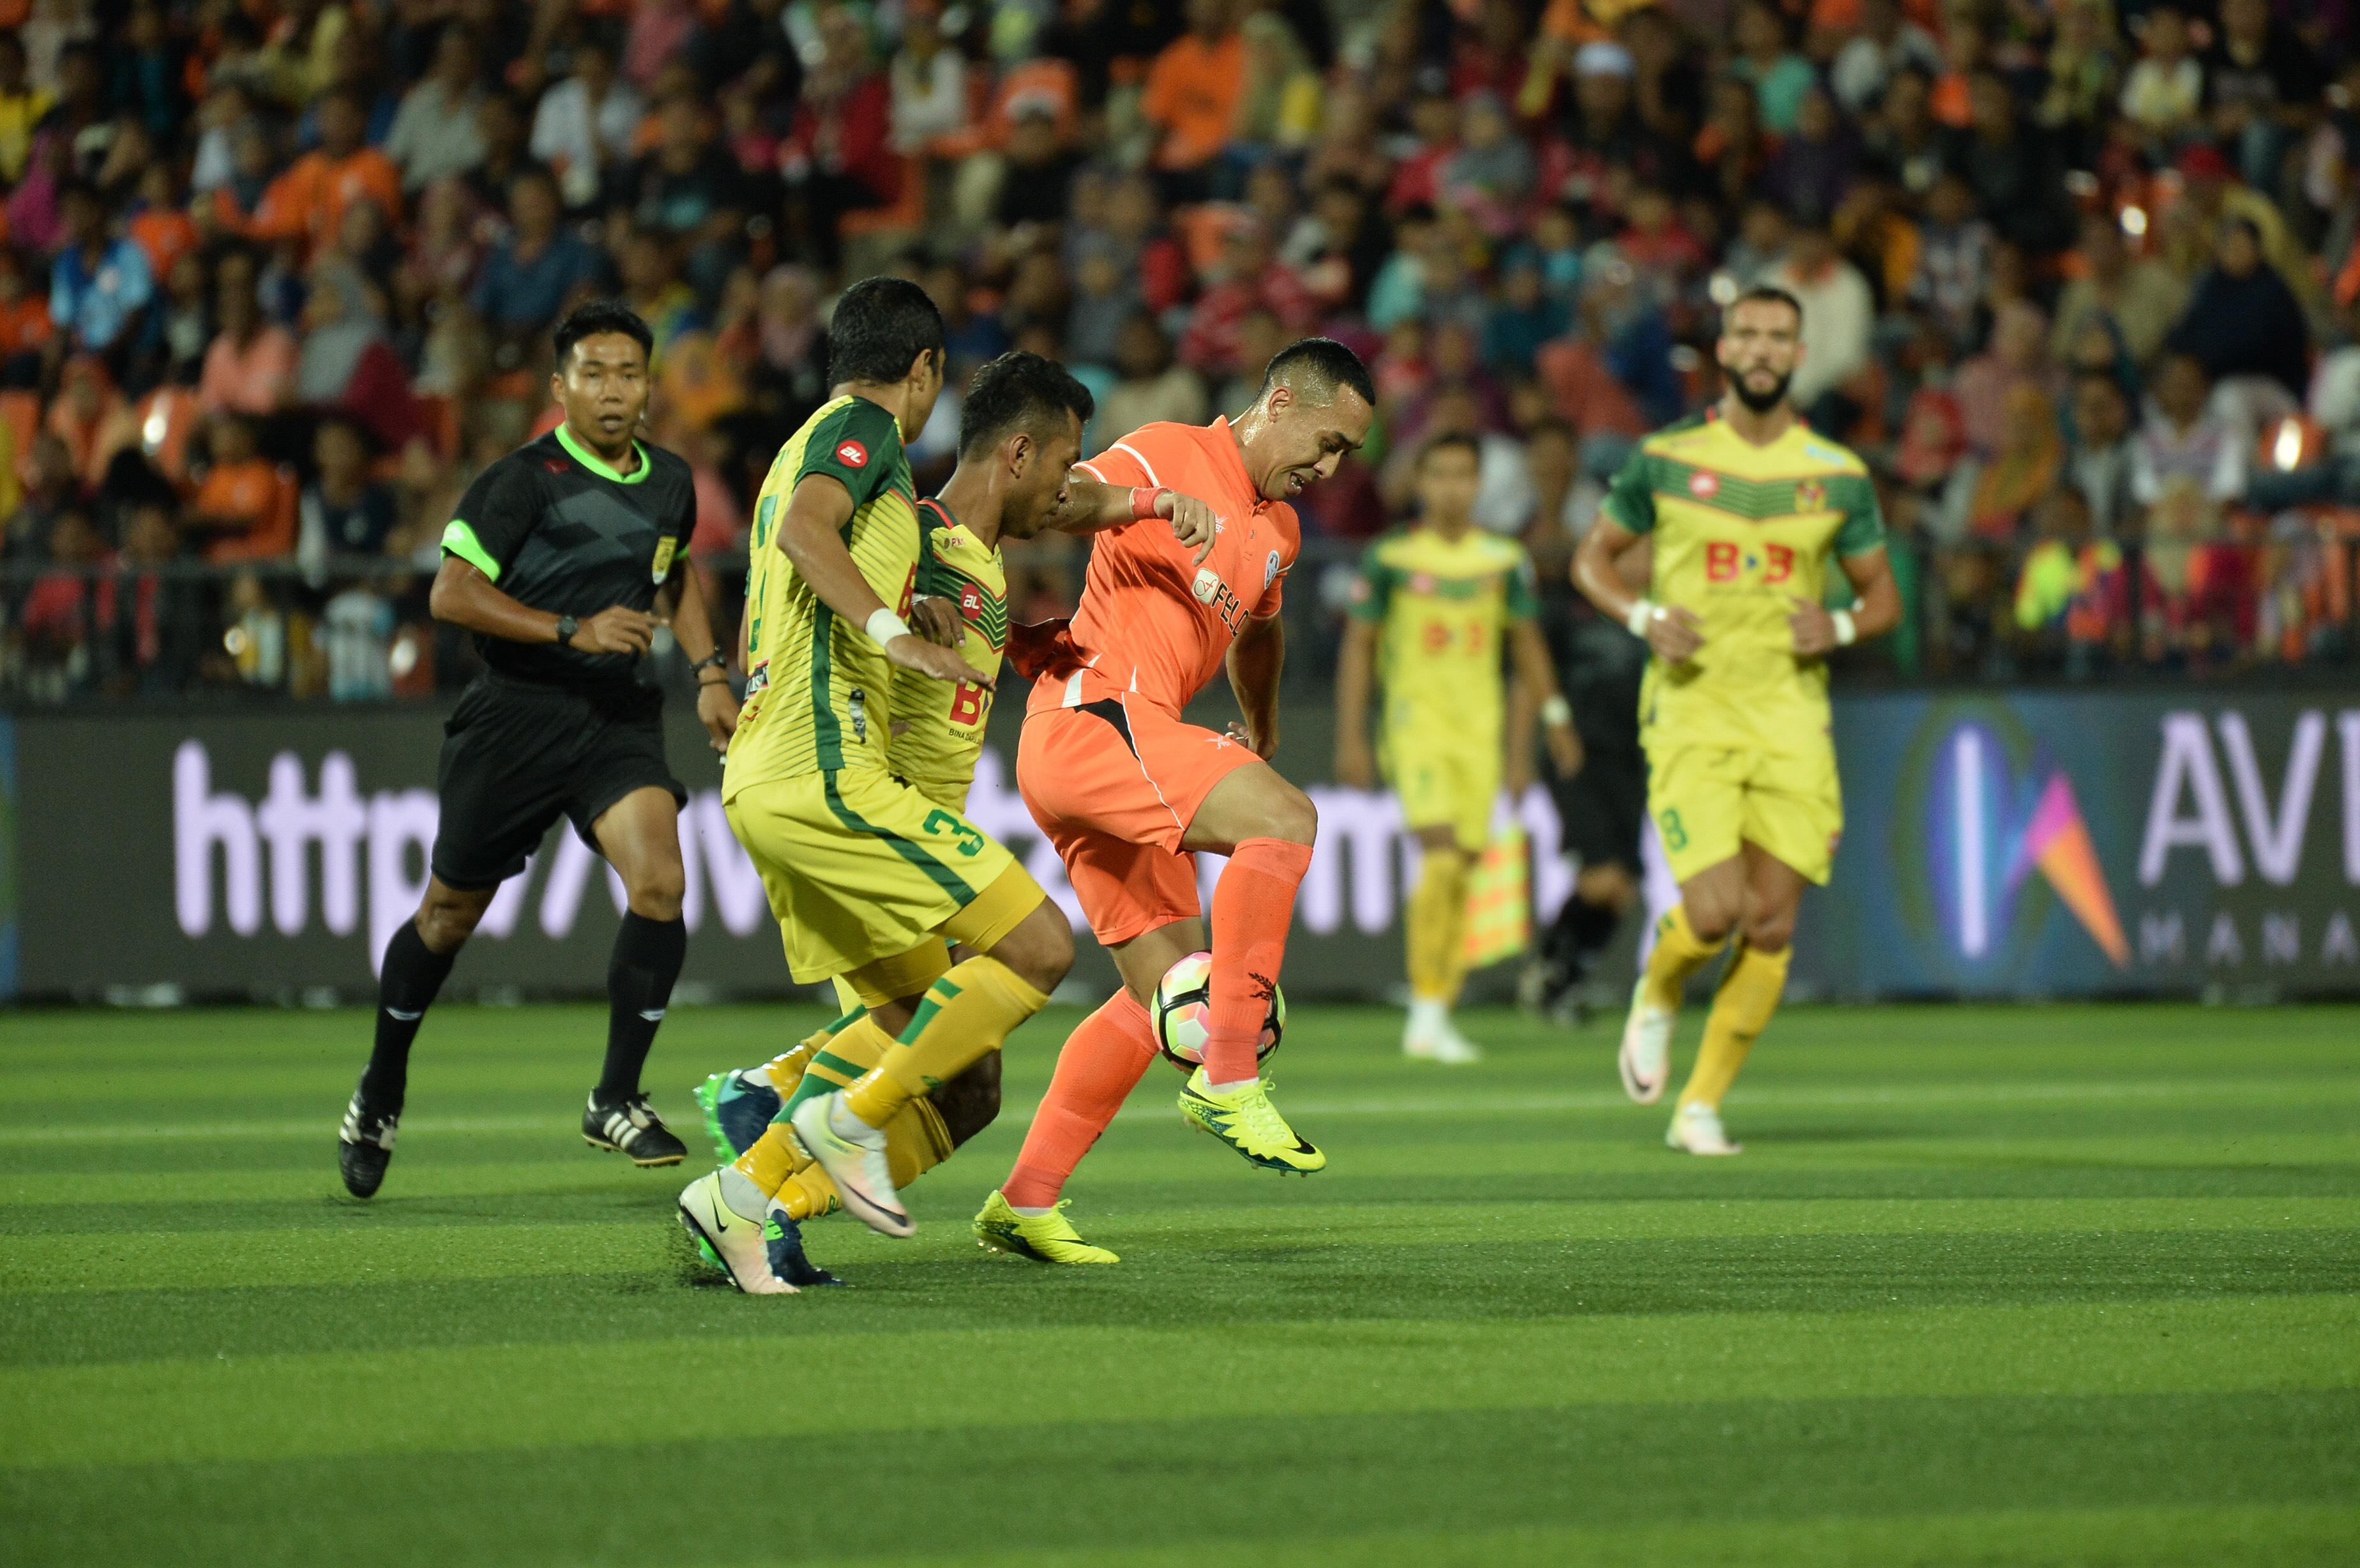 Norshahrul Idlan and Akram Mahinan Felda United Kedah Super League 4/2/17